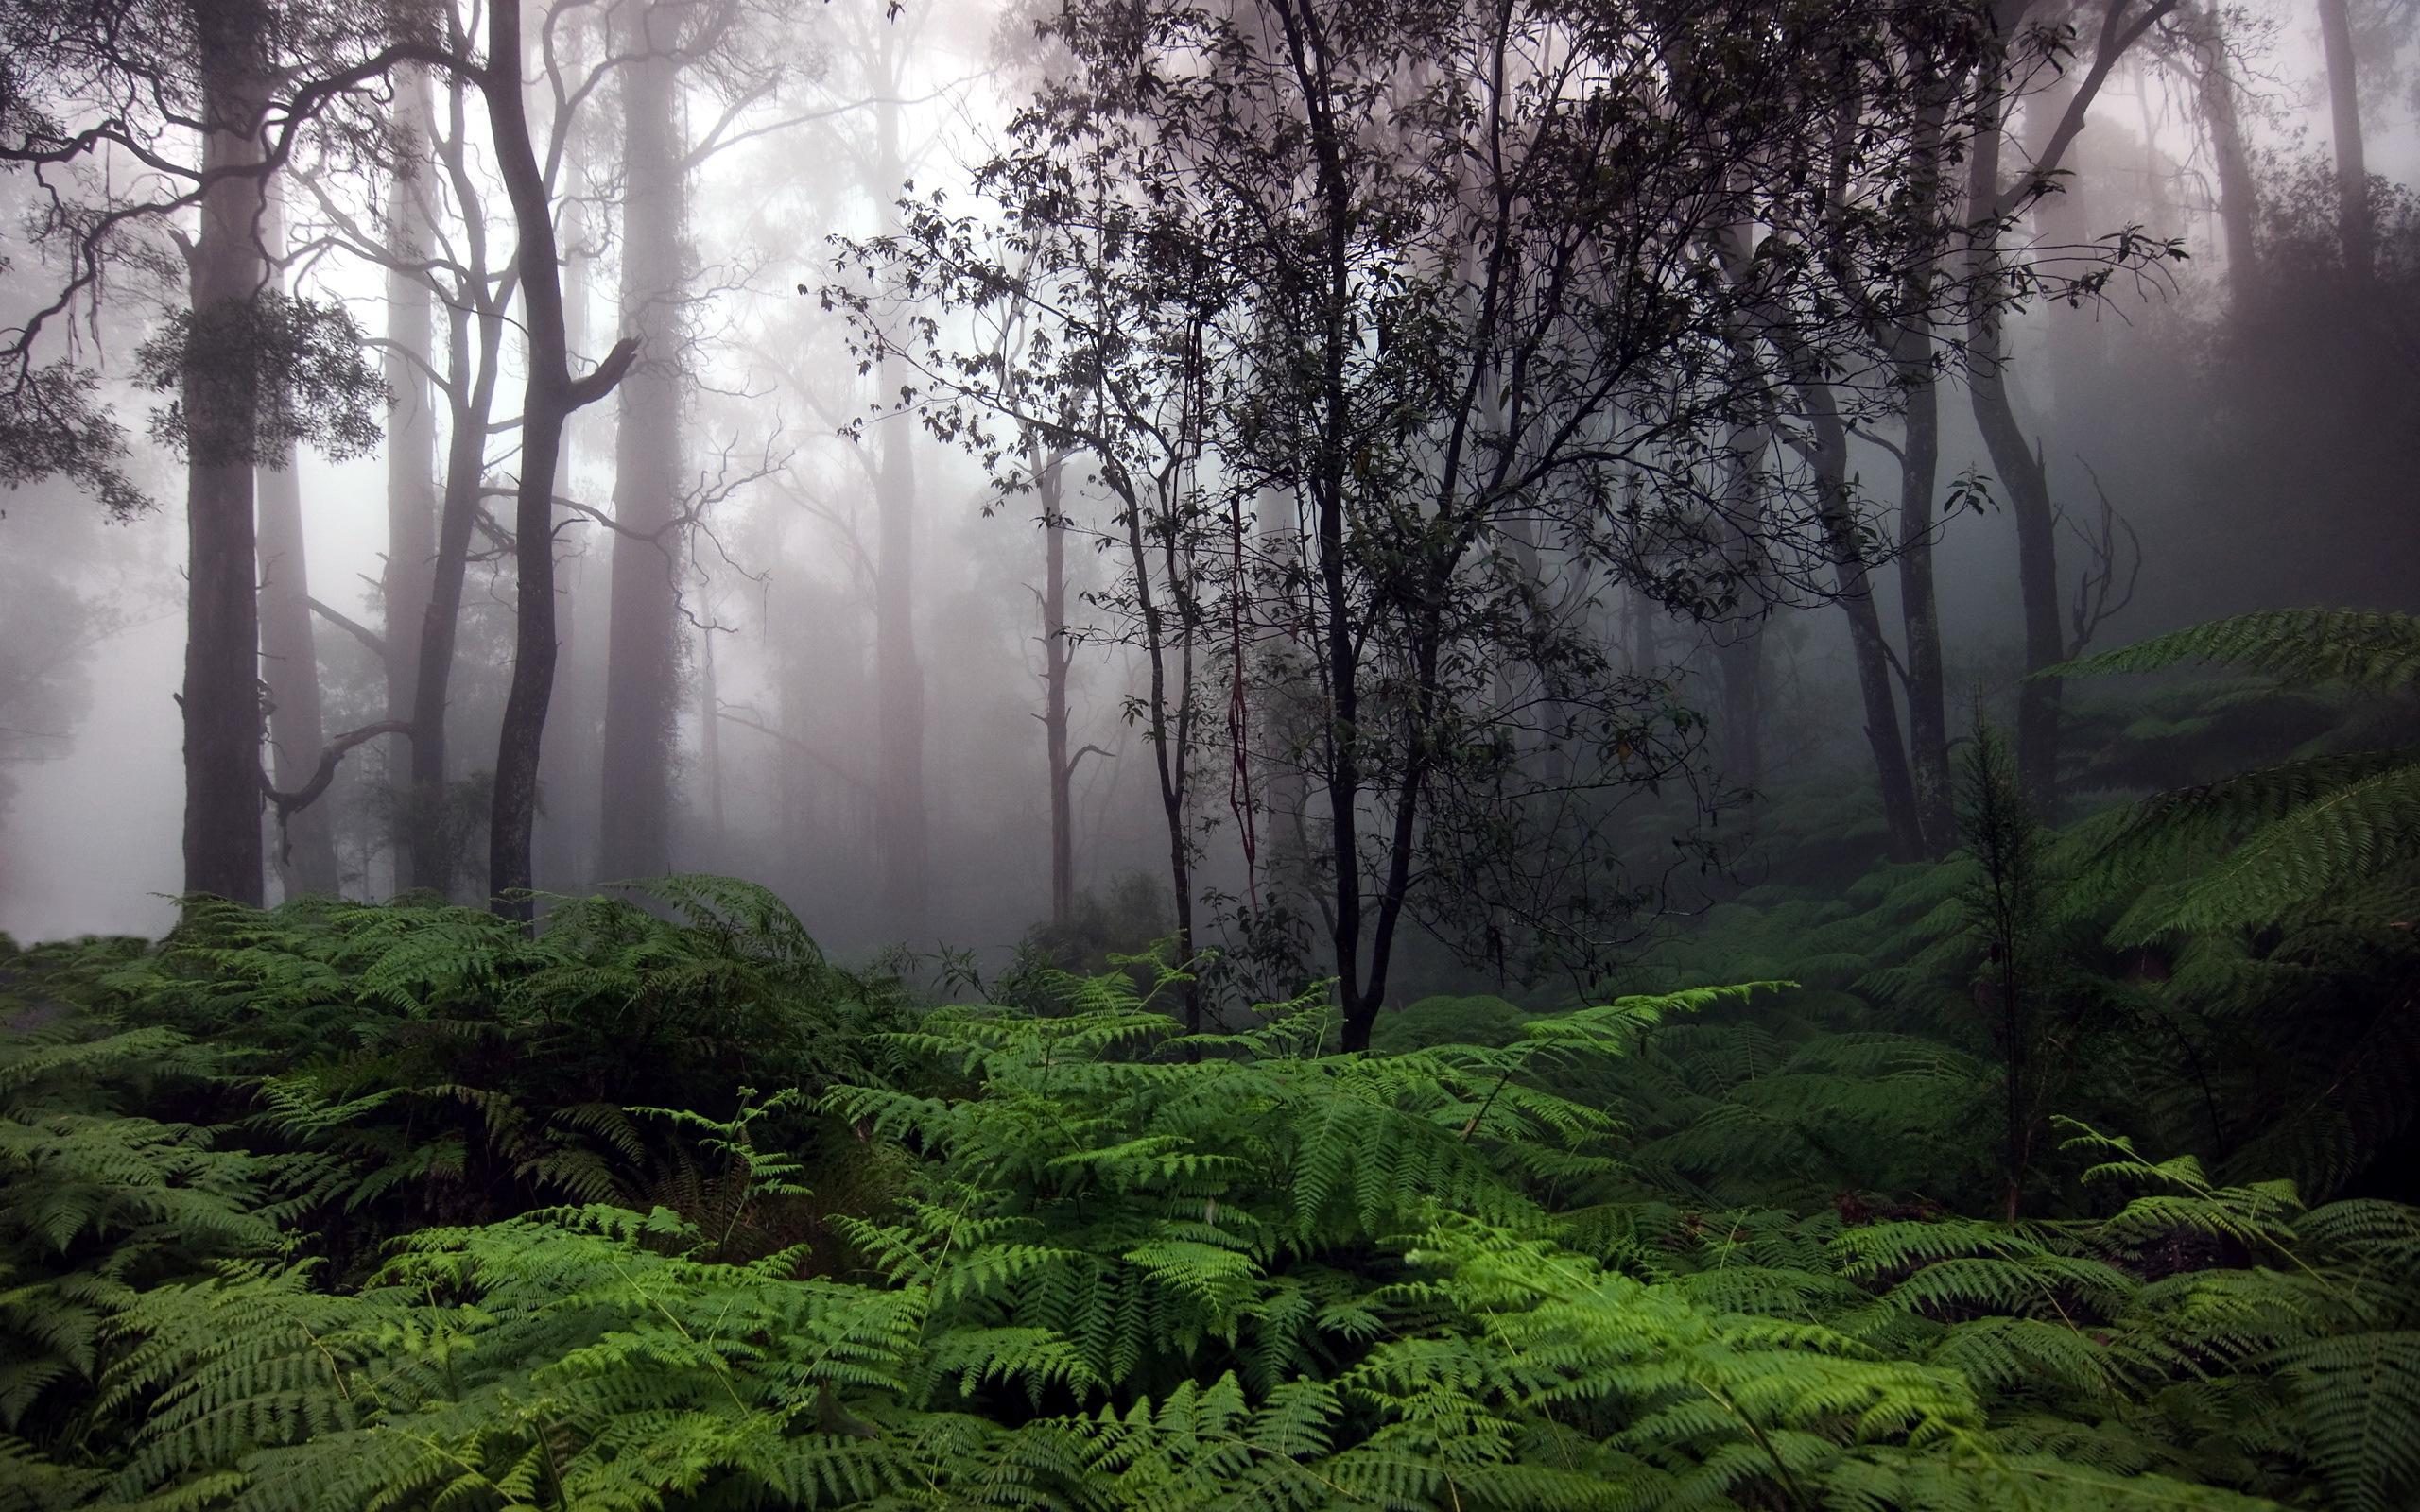 rain forest - HD Desktop Wallpapers | 4k HD